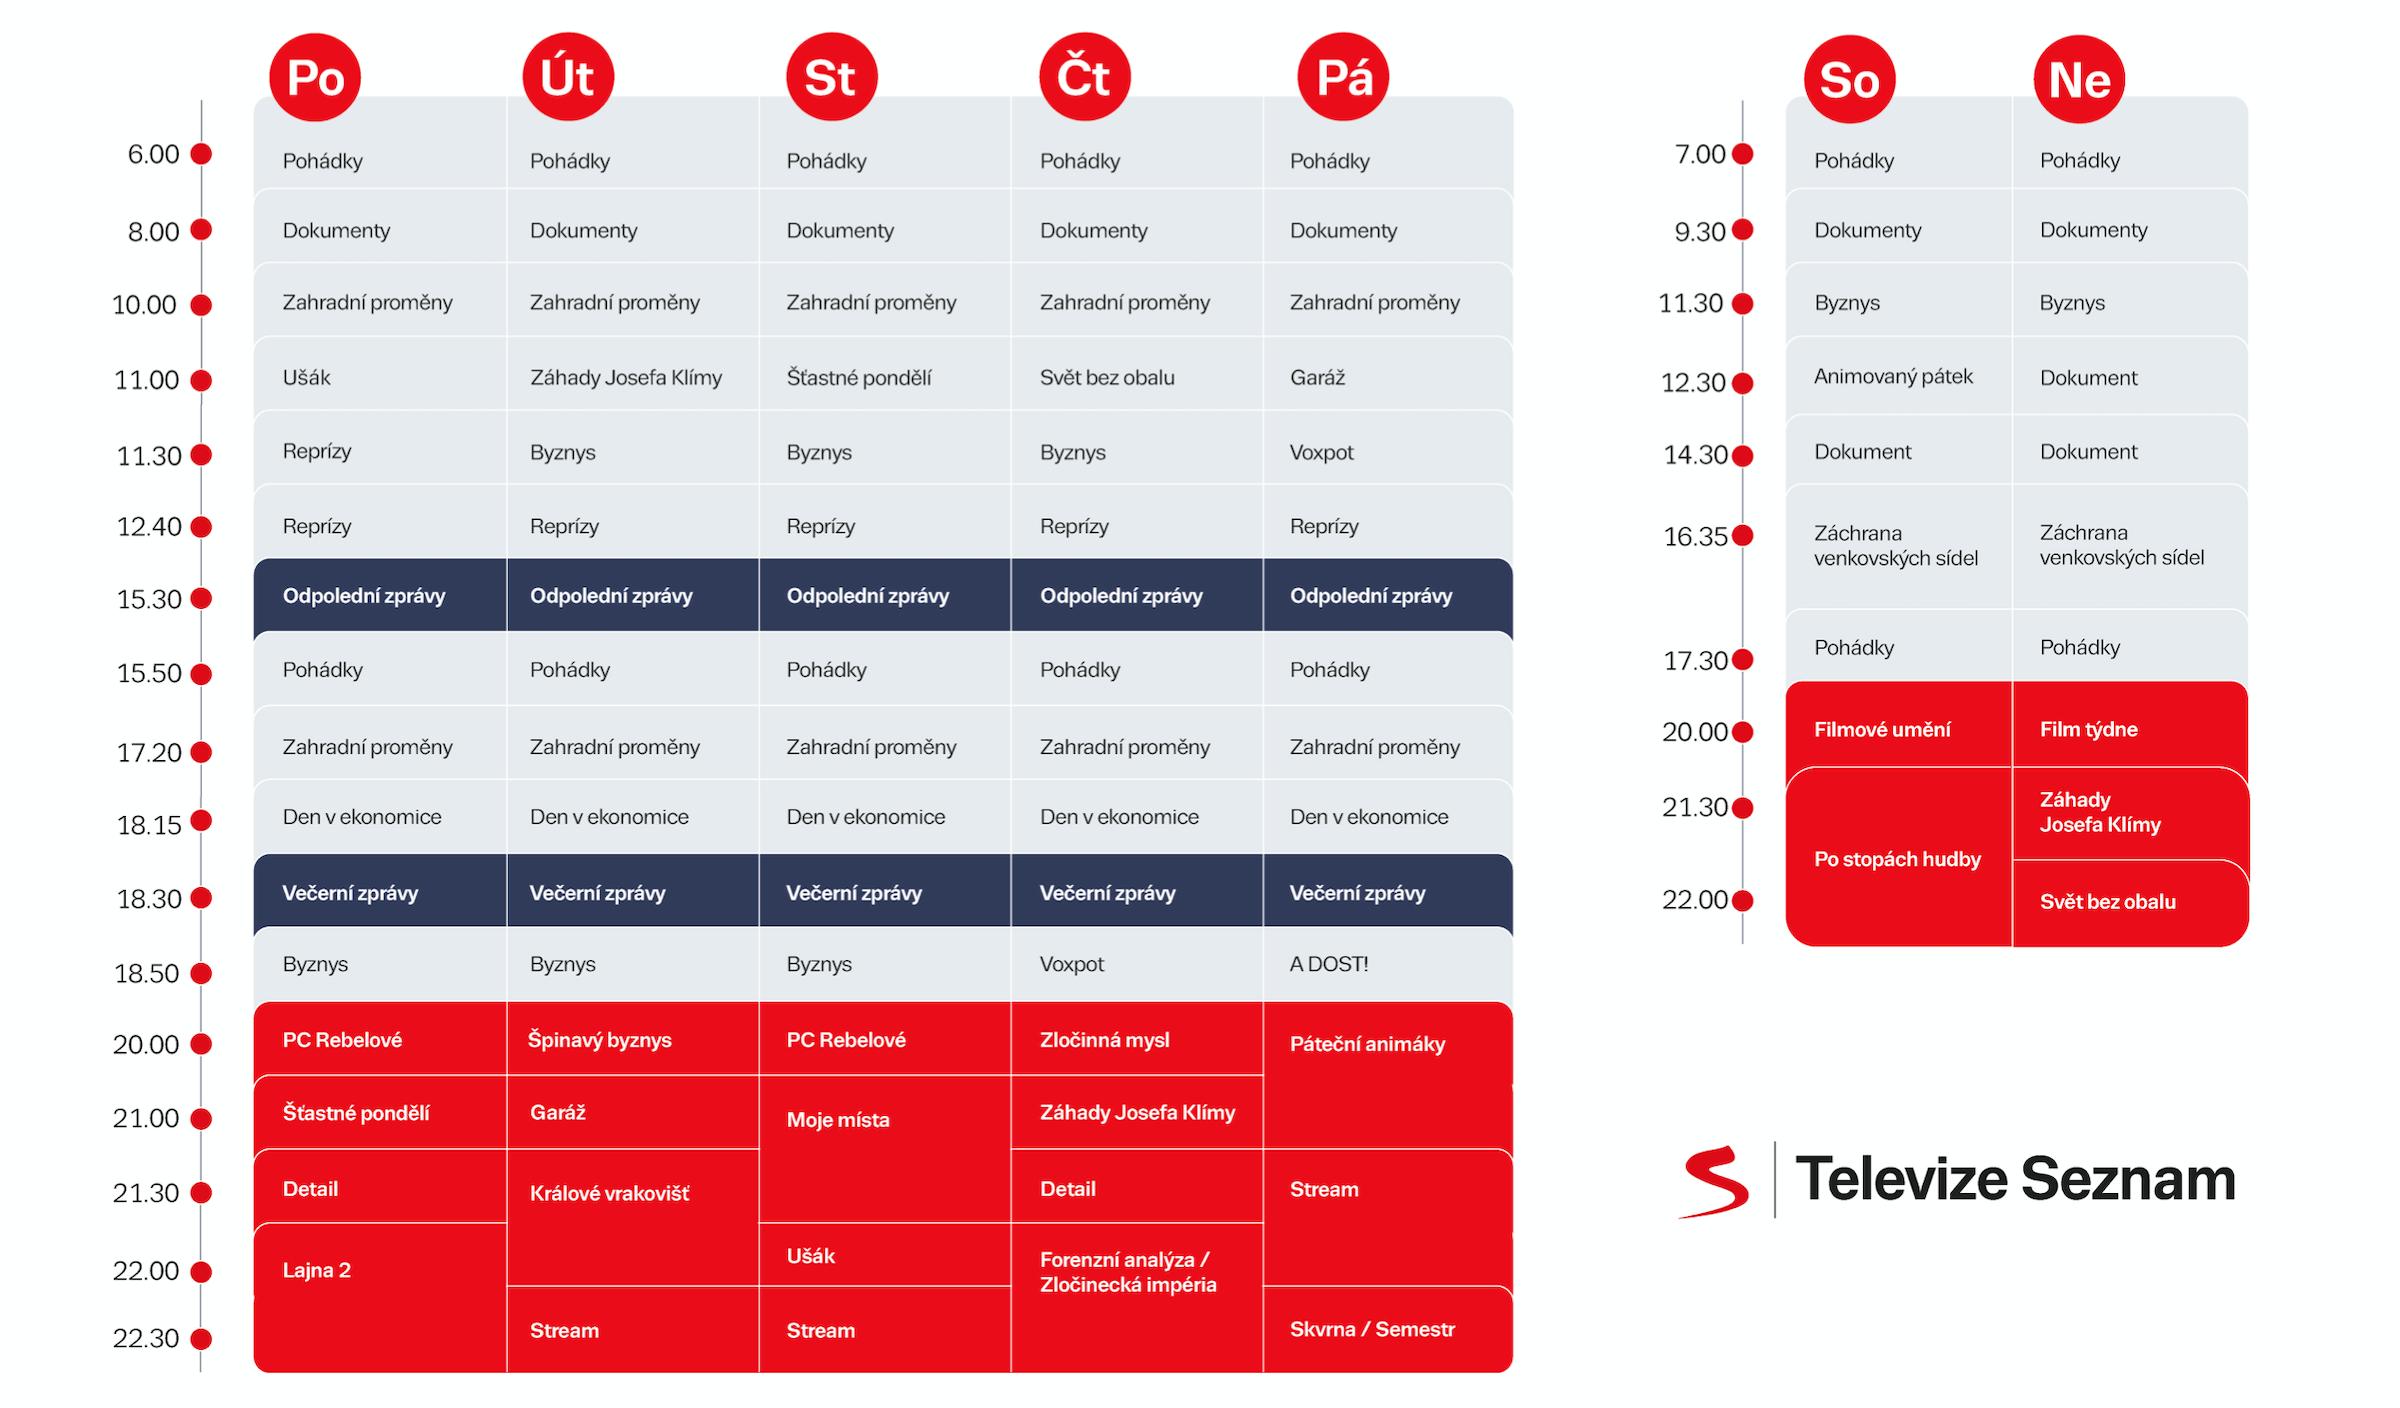 Programové schéma Televize Seznam na jaro 2020